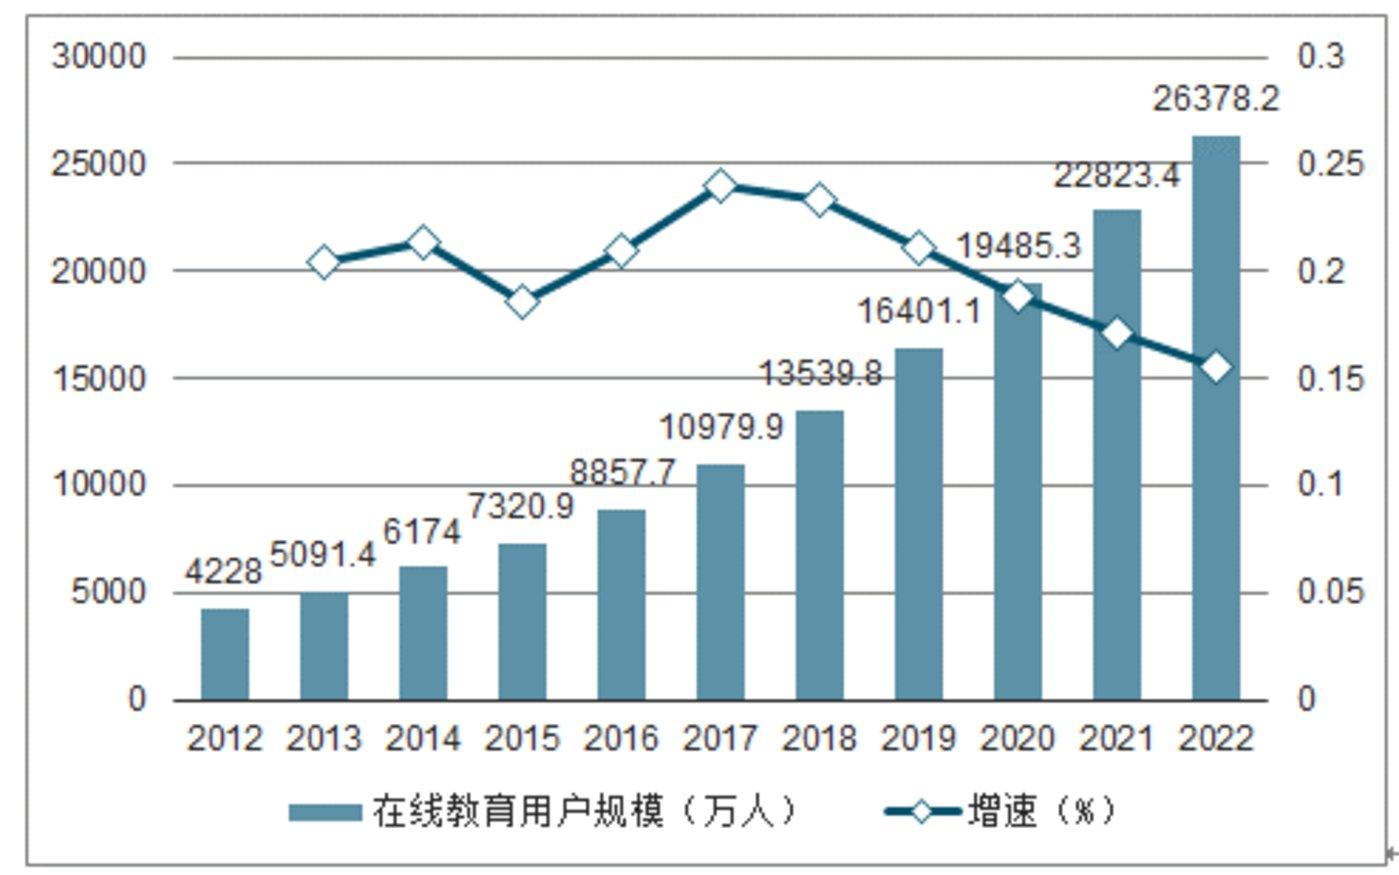 2012-2022年中国在线教育行业市场规模